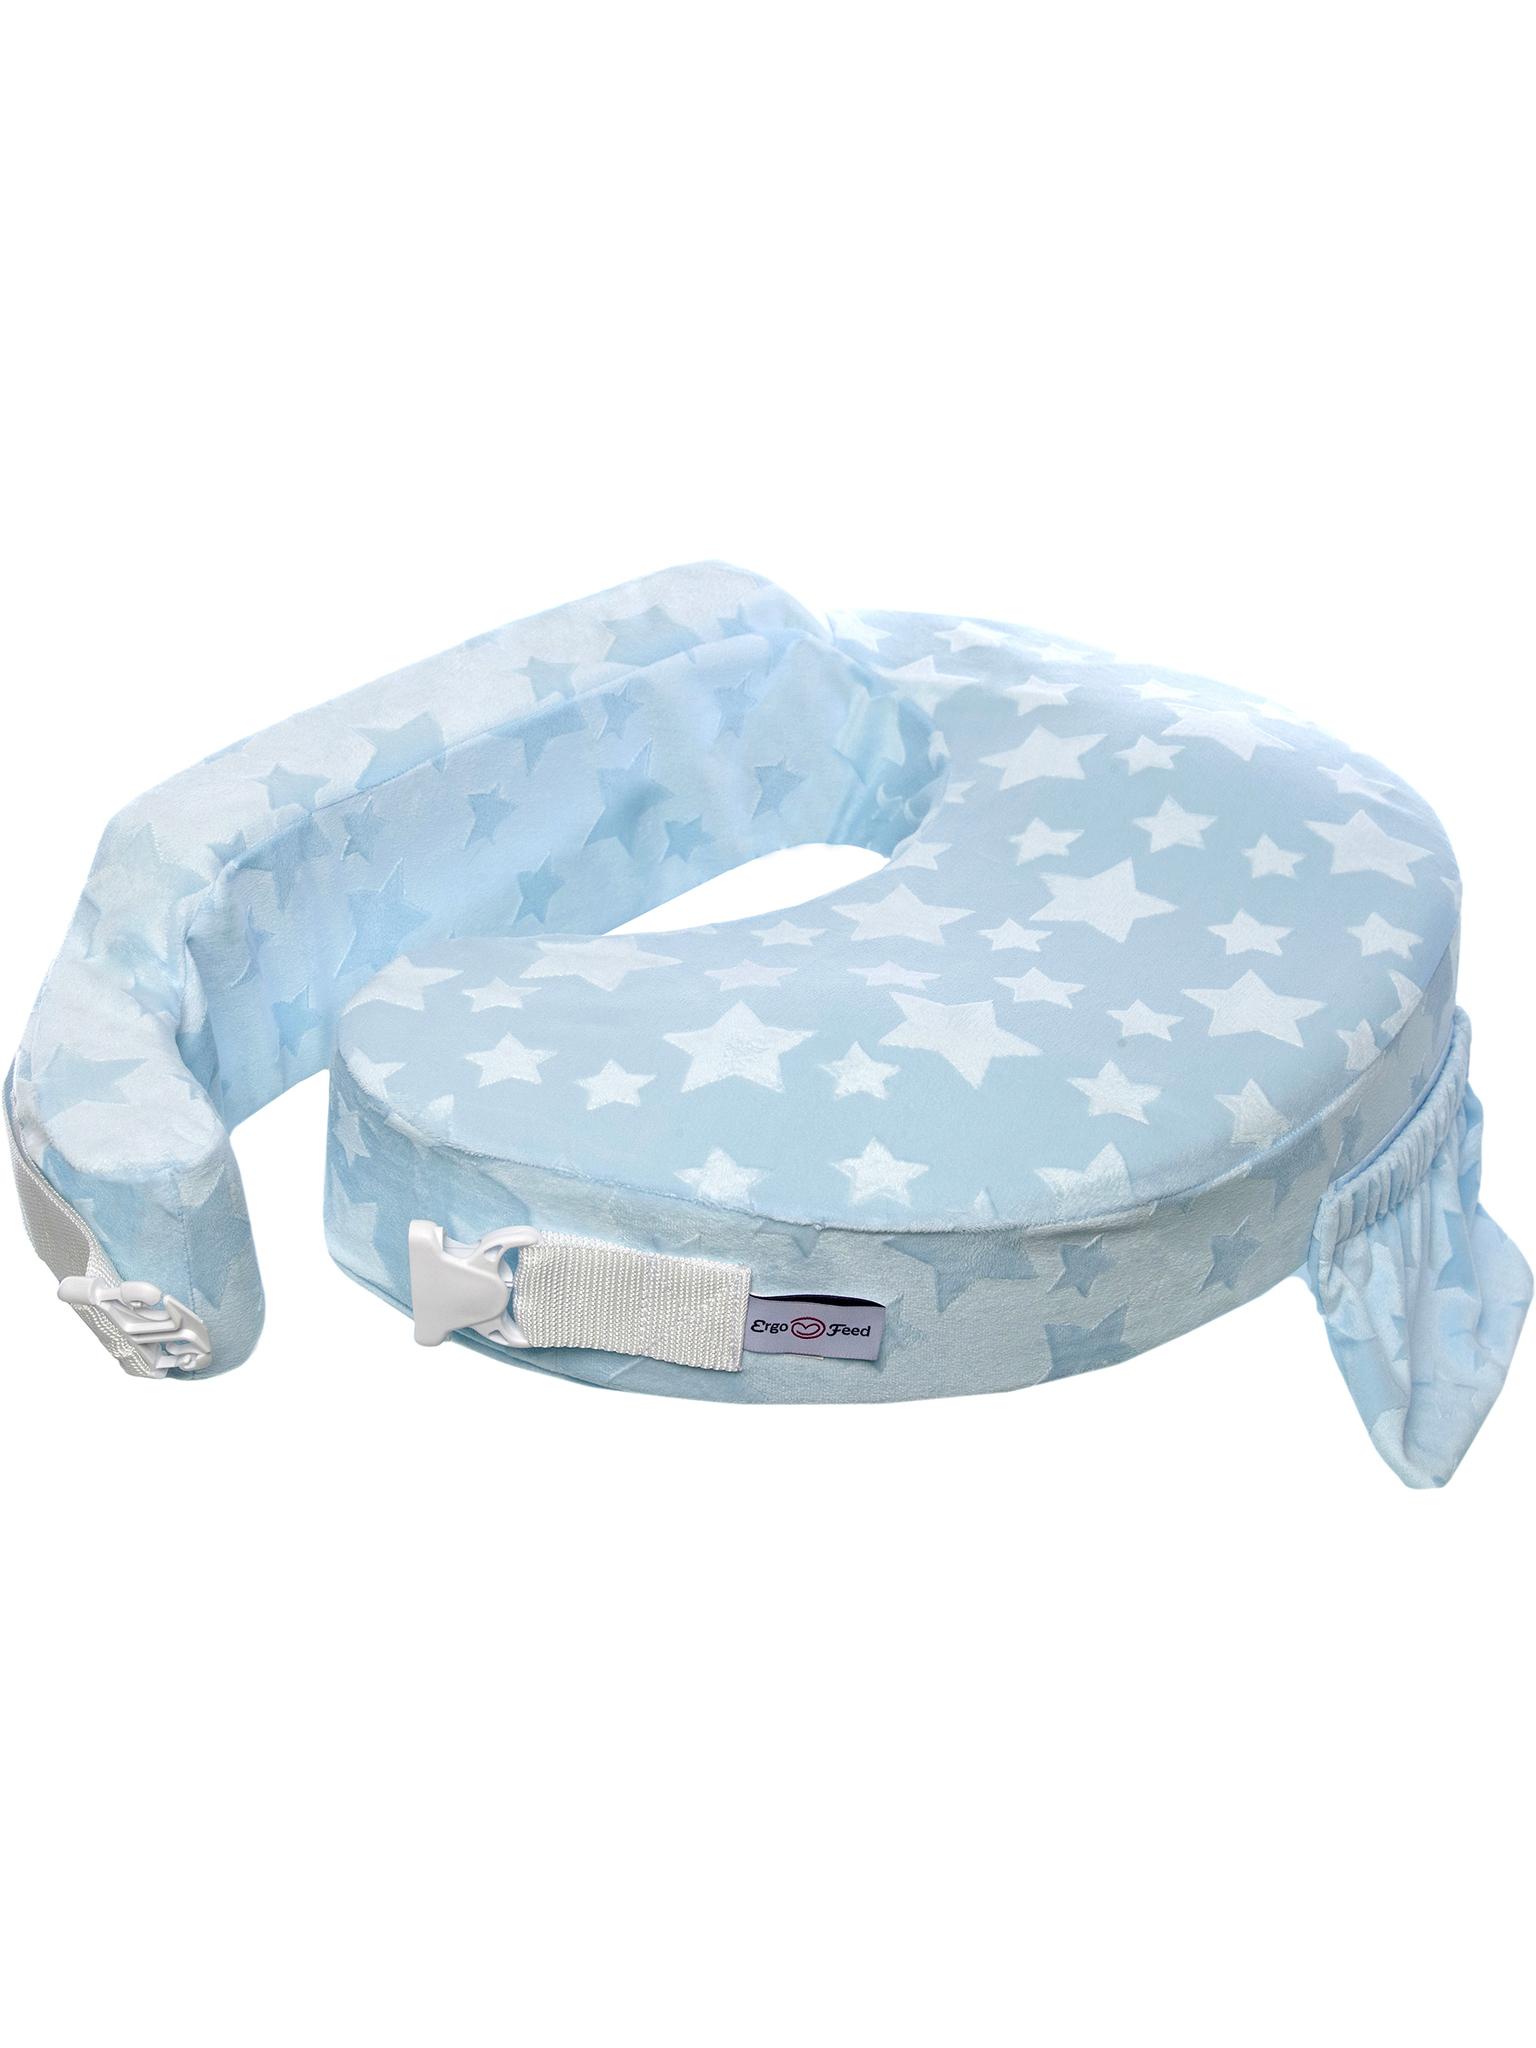 Подушка для кормления эргономичная ErgoFeed Звезды, голубой